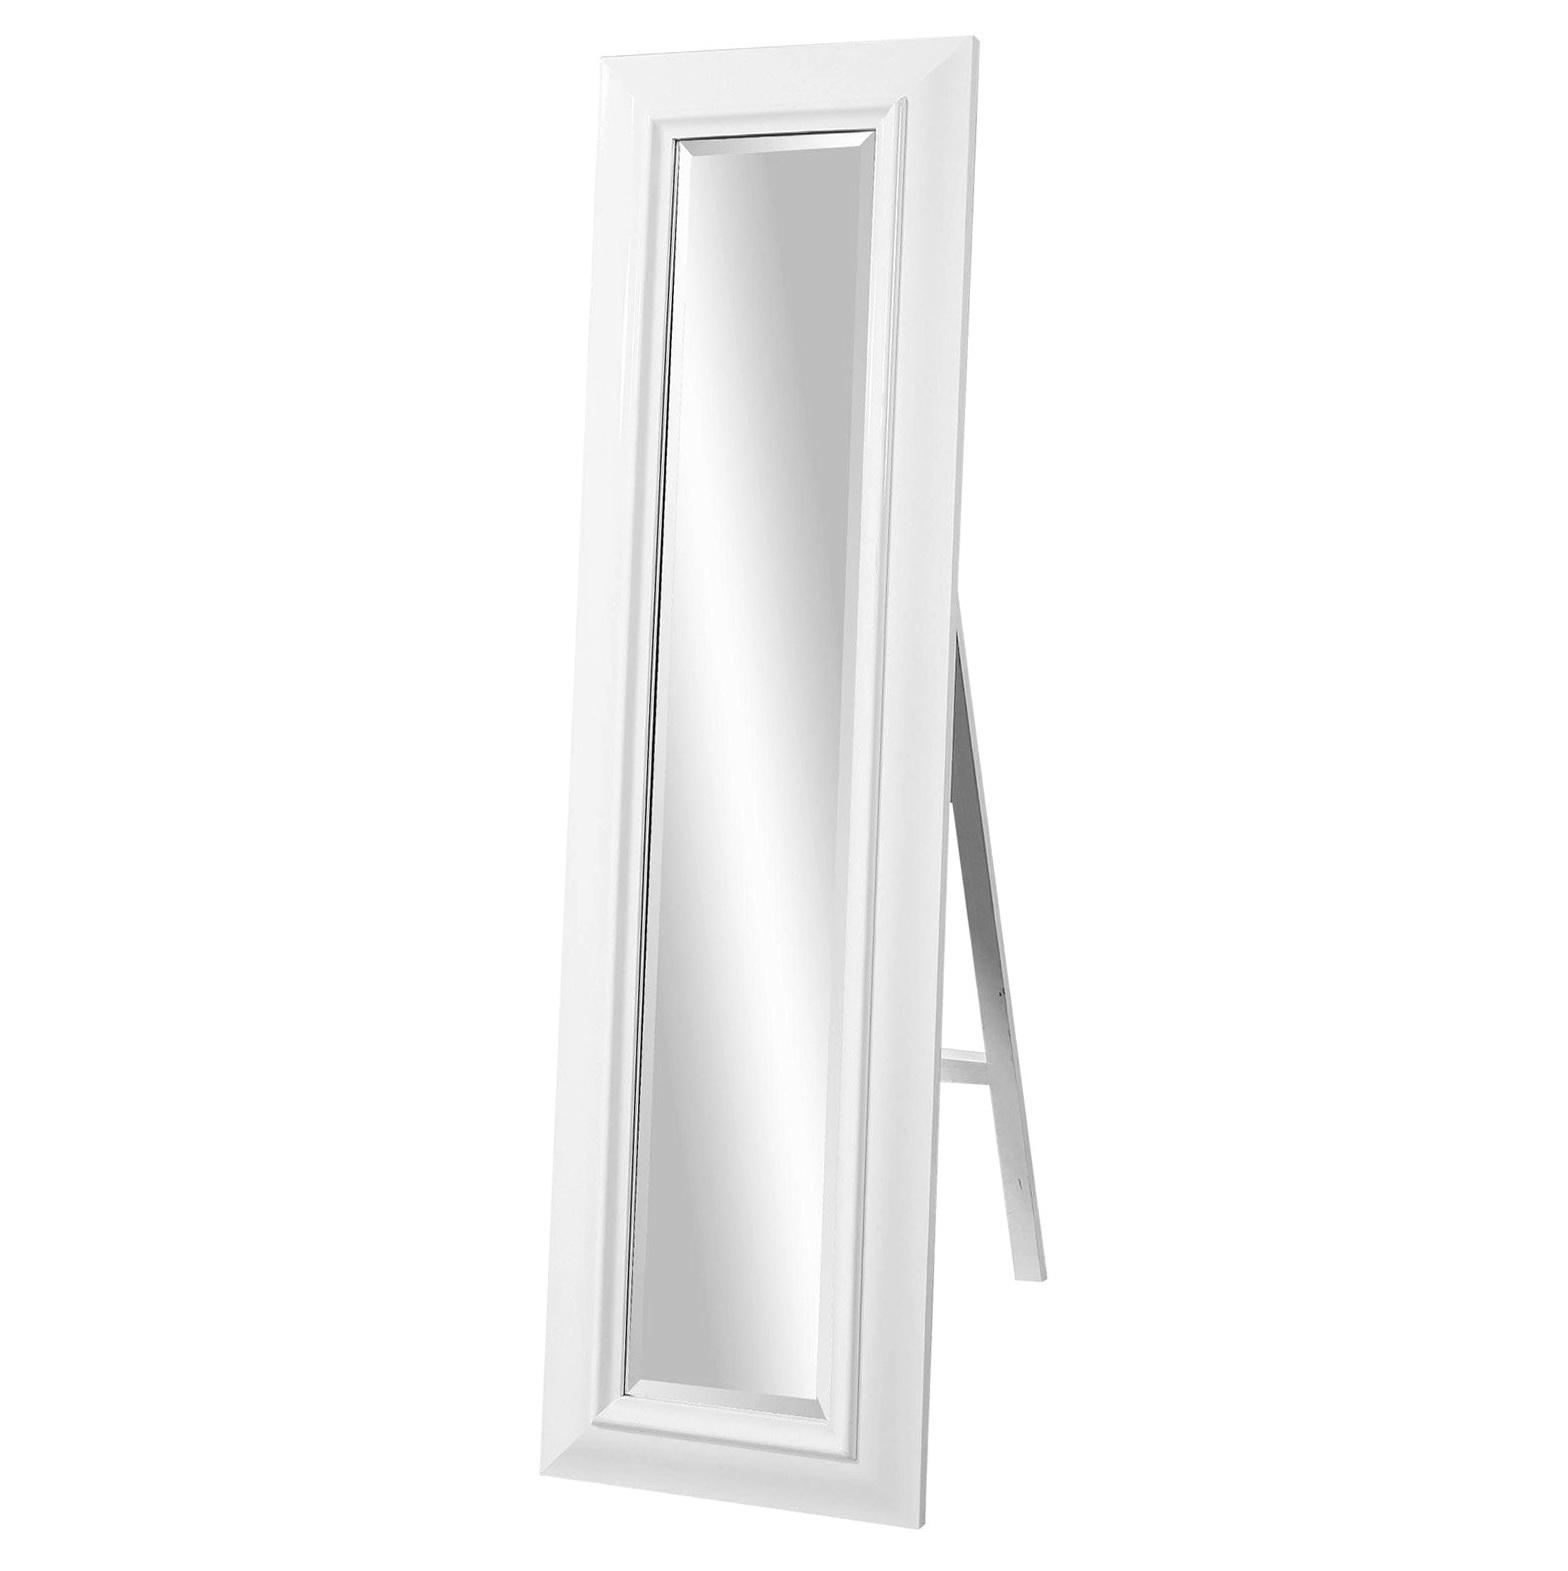 Scroll Design Full Length Cheval Mirror White